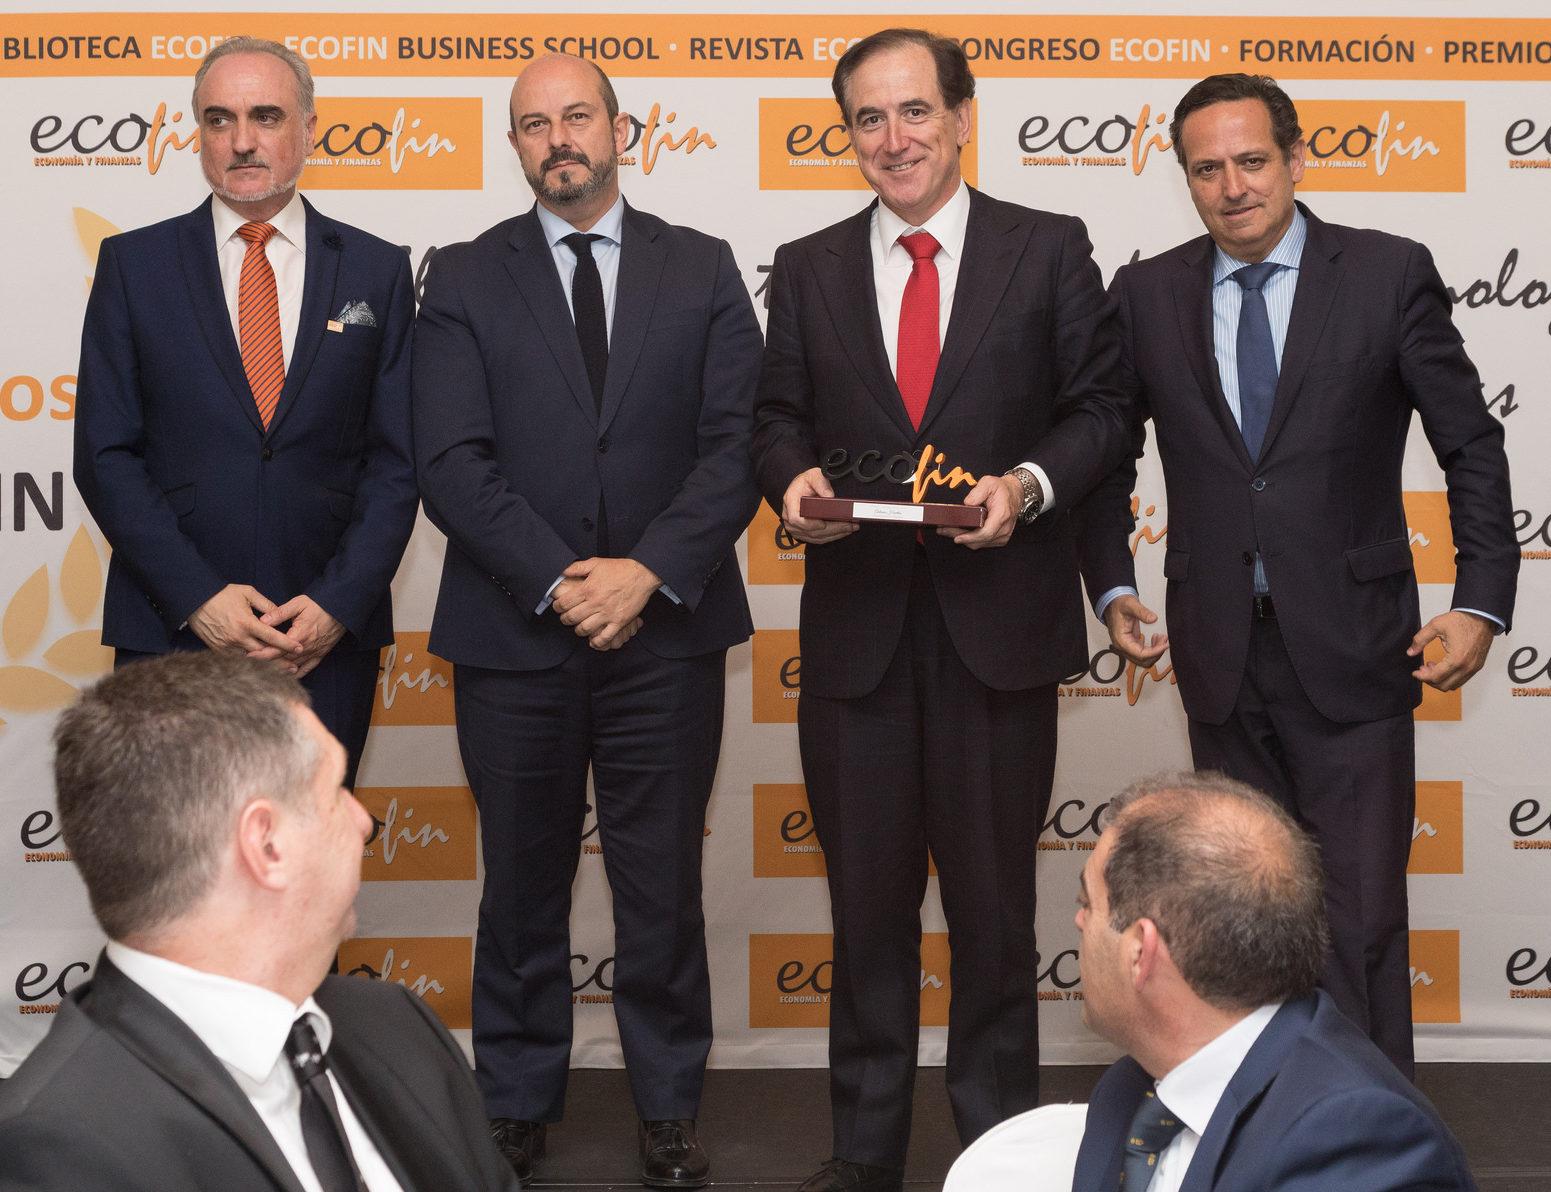 De izquierda a derecha: Salvador Molina, Pedro Manuel Rollán, Antonio huertas y Juan Pablo Lázaro (Fotografía de Laura Bonachea).